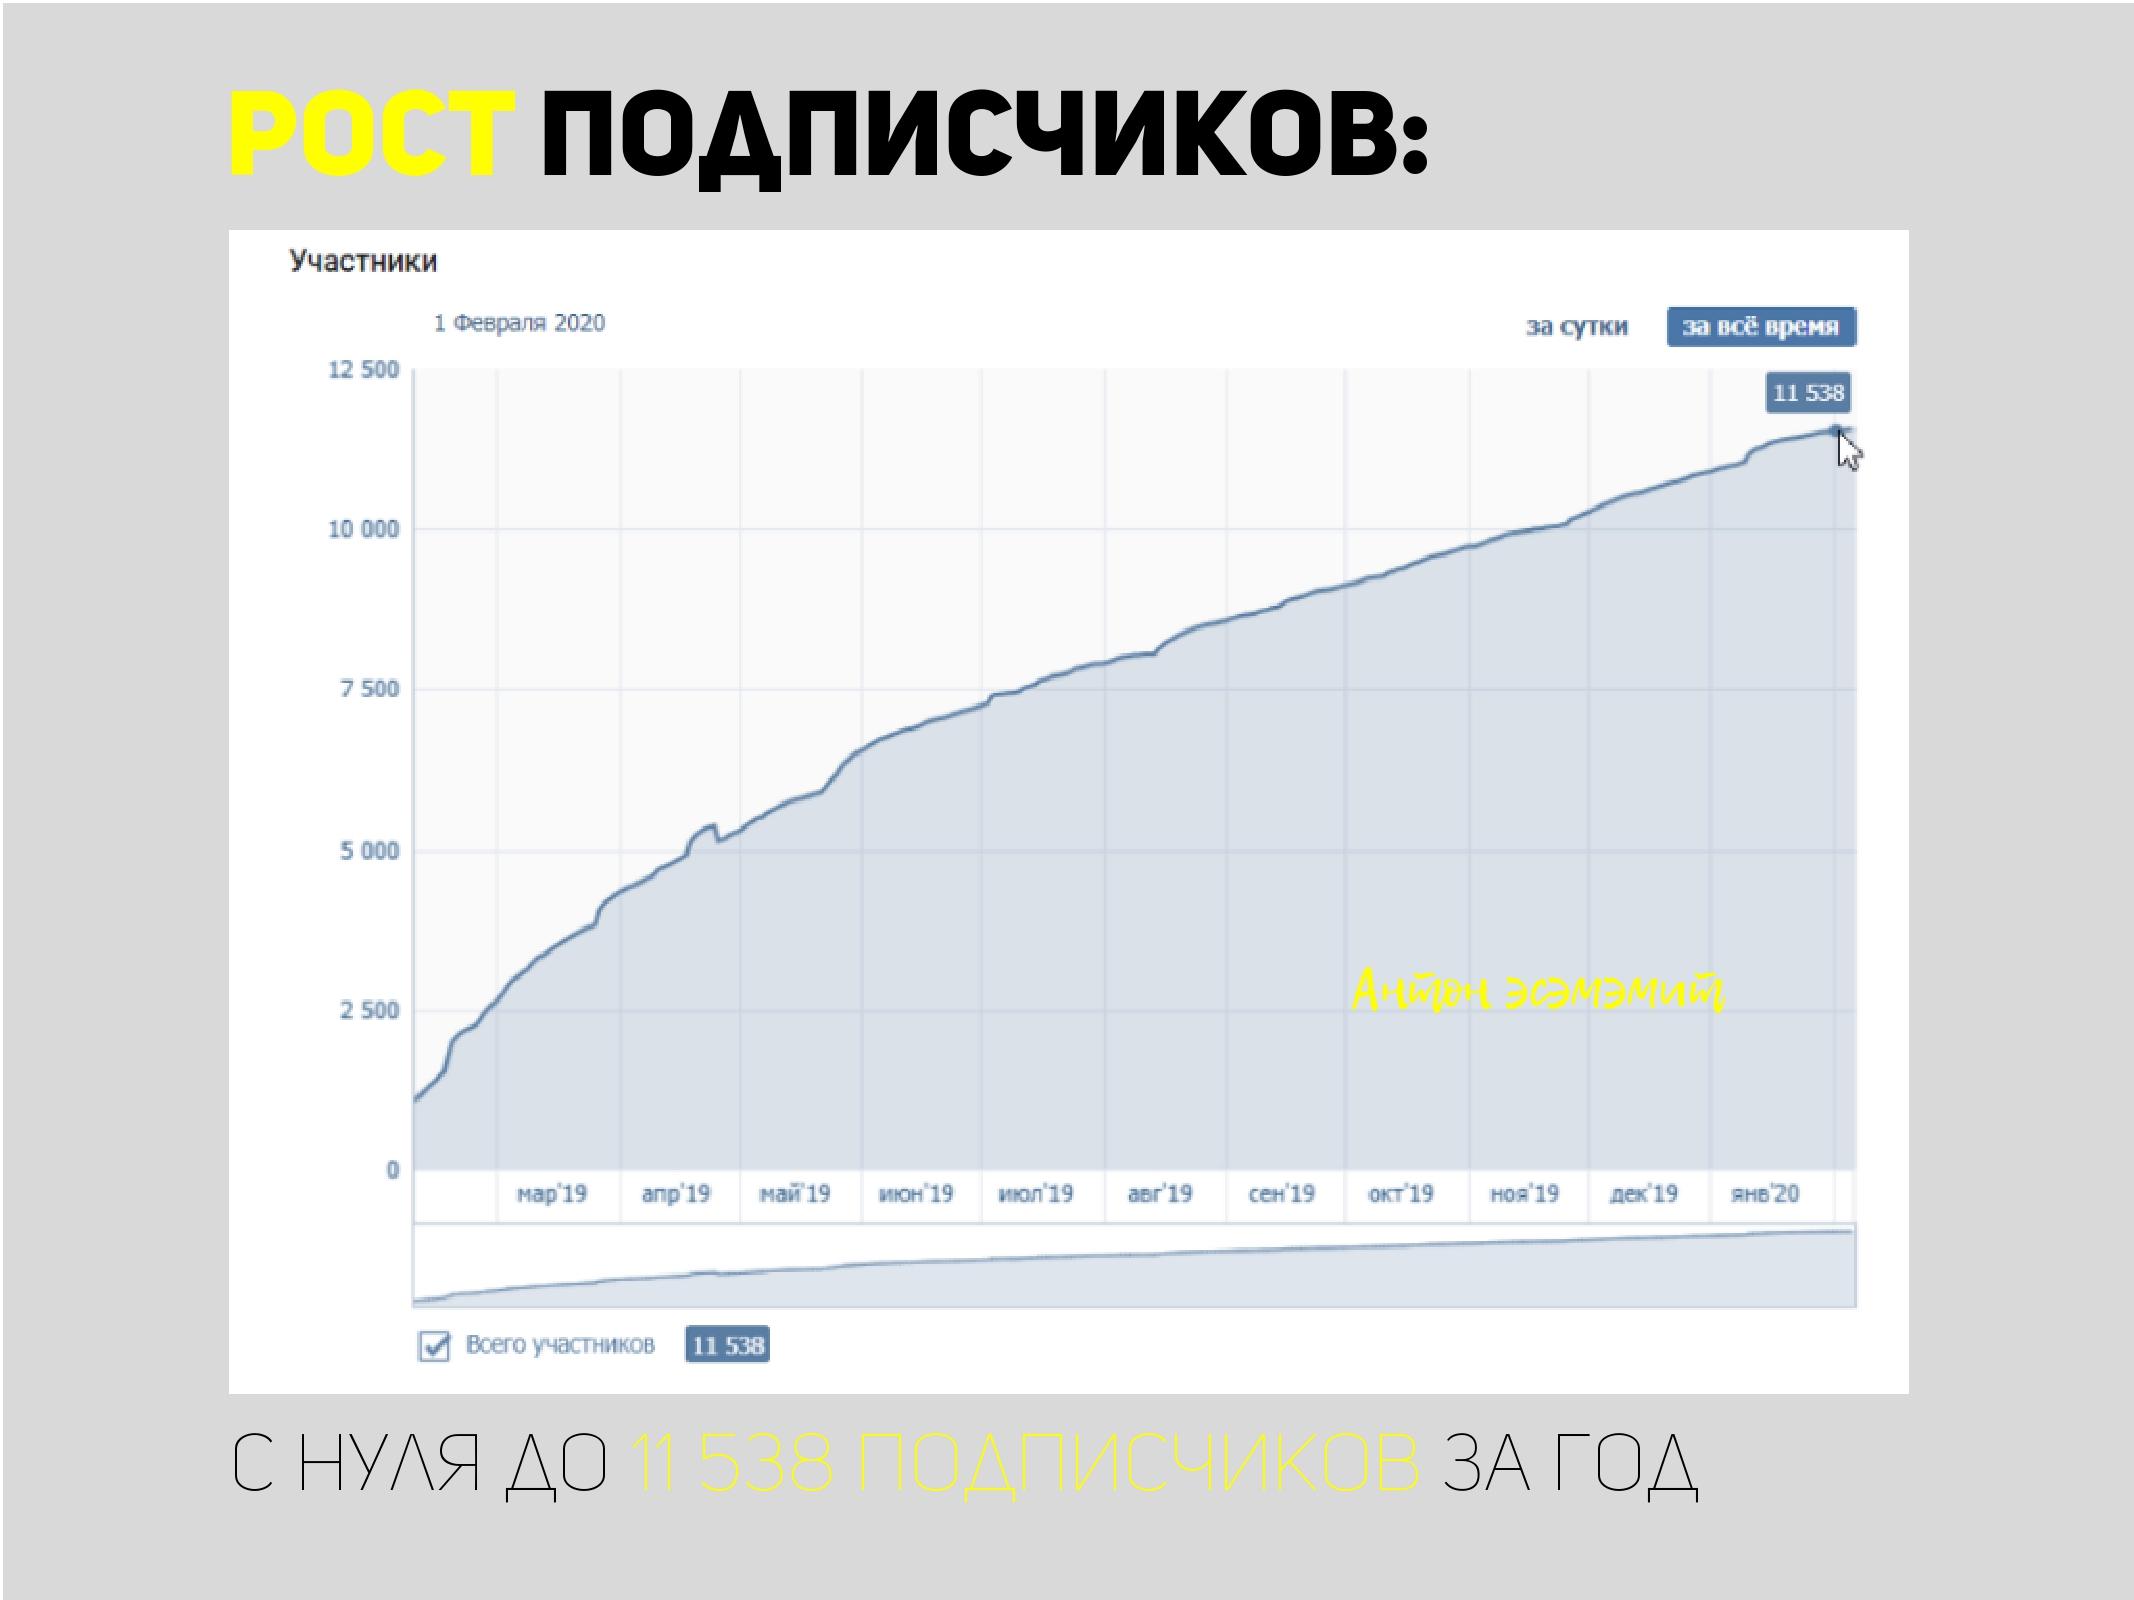 Продвижение городского паблика ВКонтакте с нуля до 12 000 подписчиков